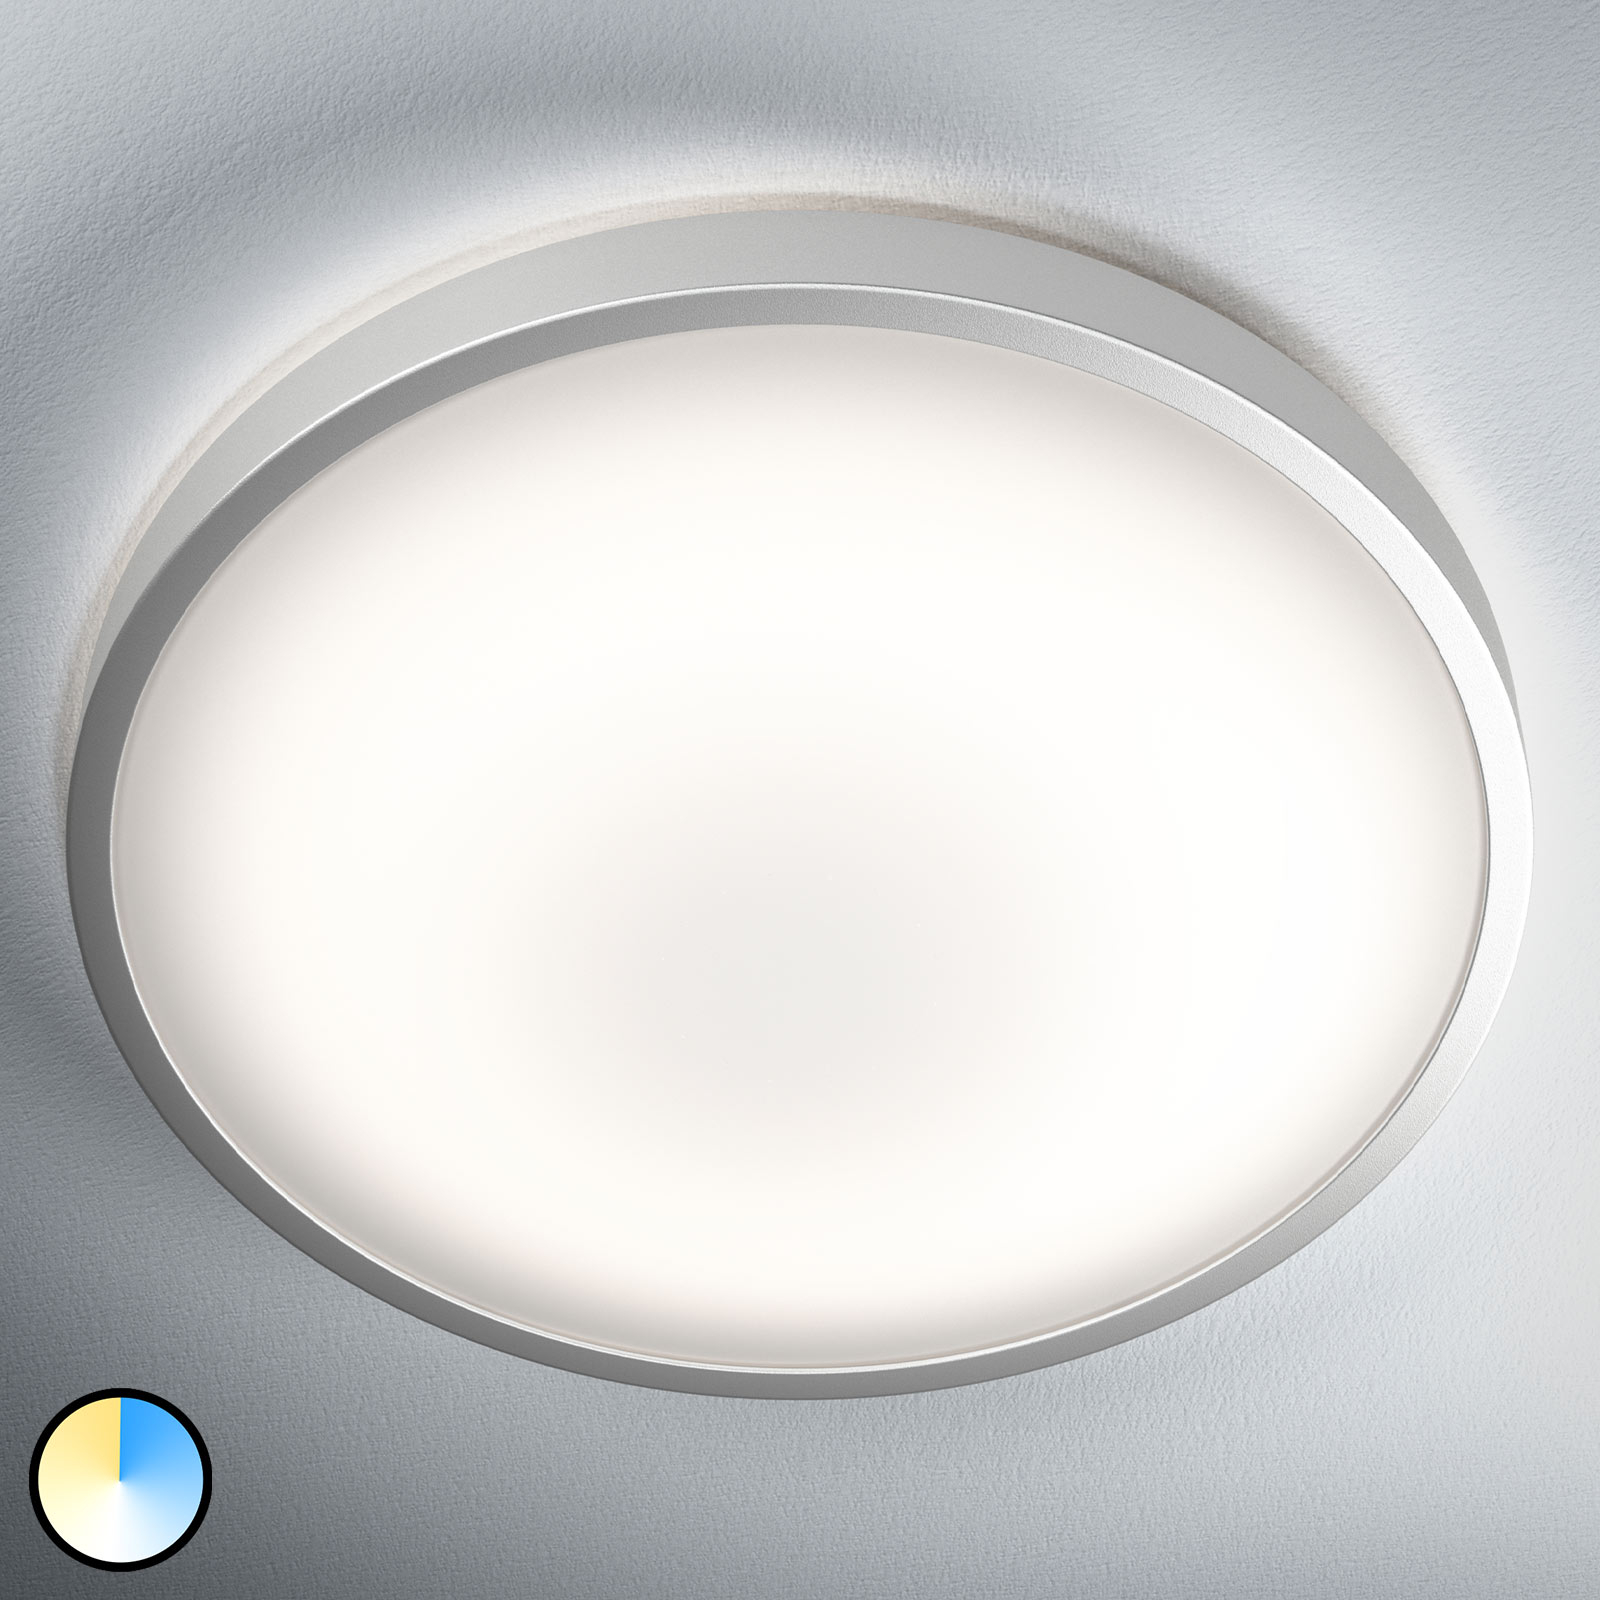 LEDVANCE Orbis LED-taklampe 40 cm Click-CCT